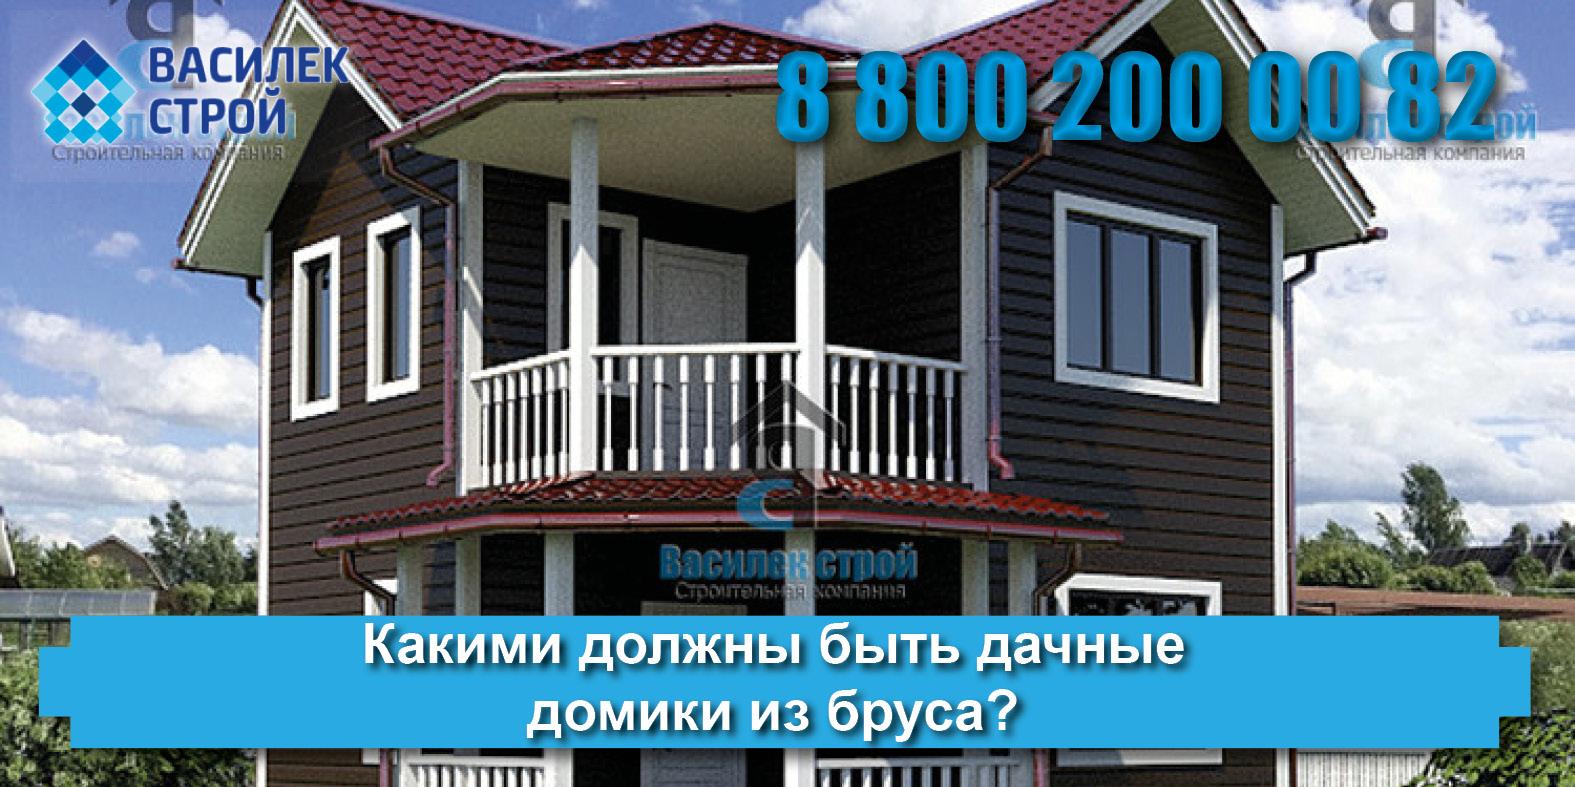 Строим дачные домики из бруса и предоставляем бесплатно проекты дачных домиков из бруса в том числе и клееного